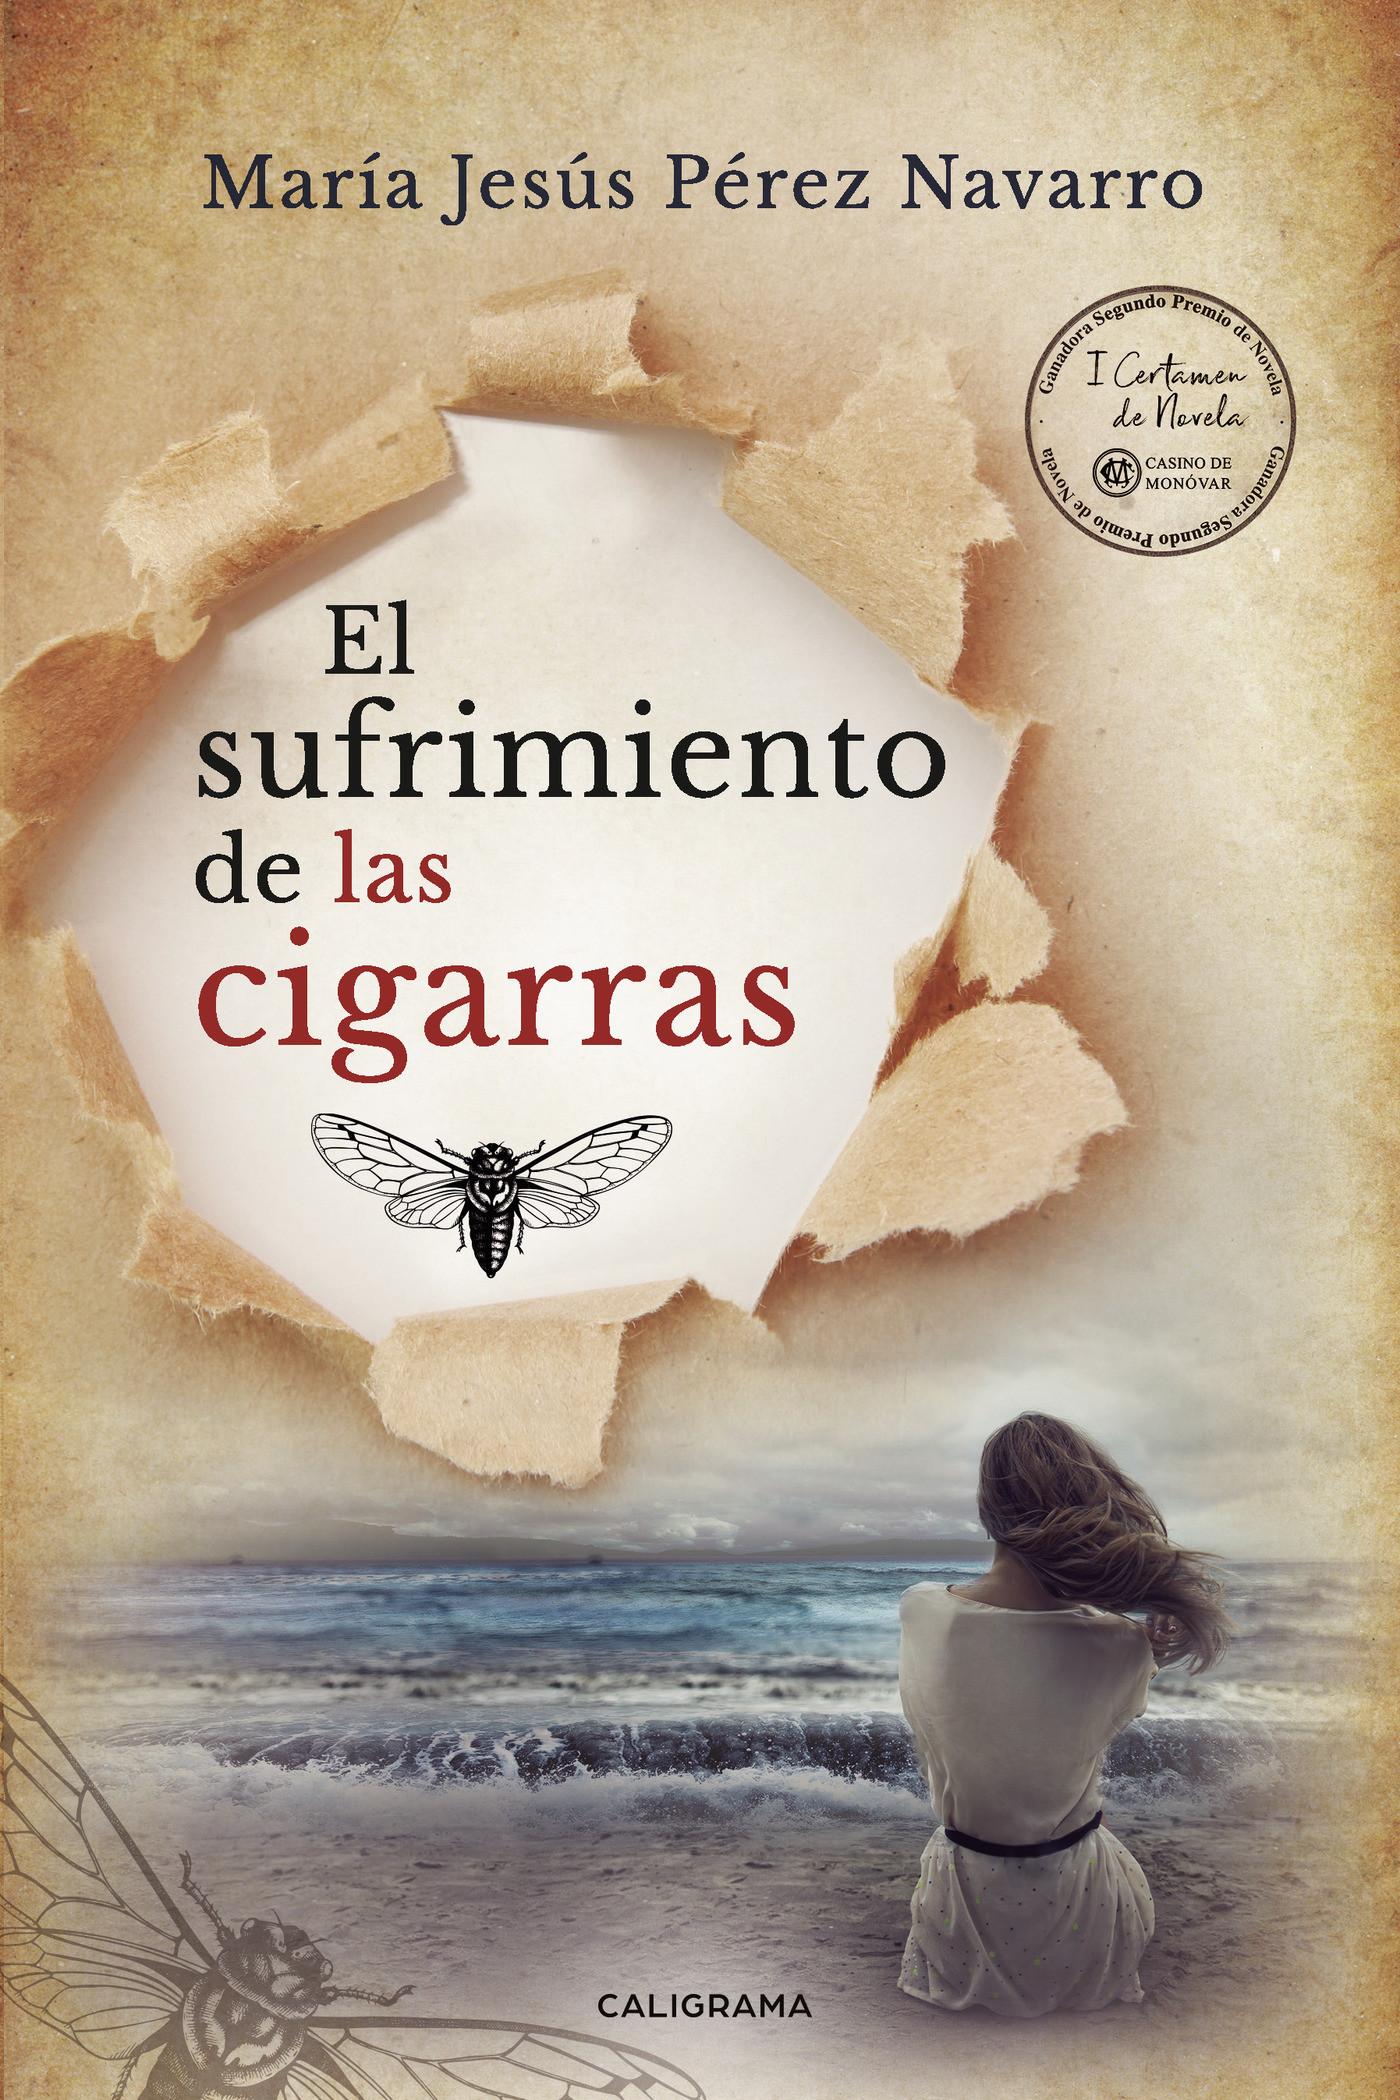 El sufrimiento de las cigarras